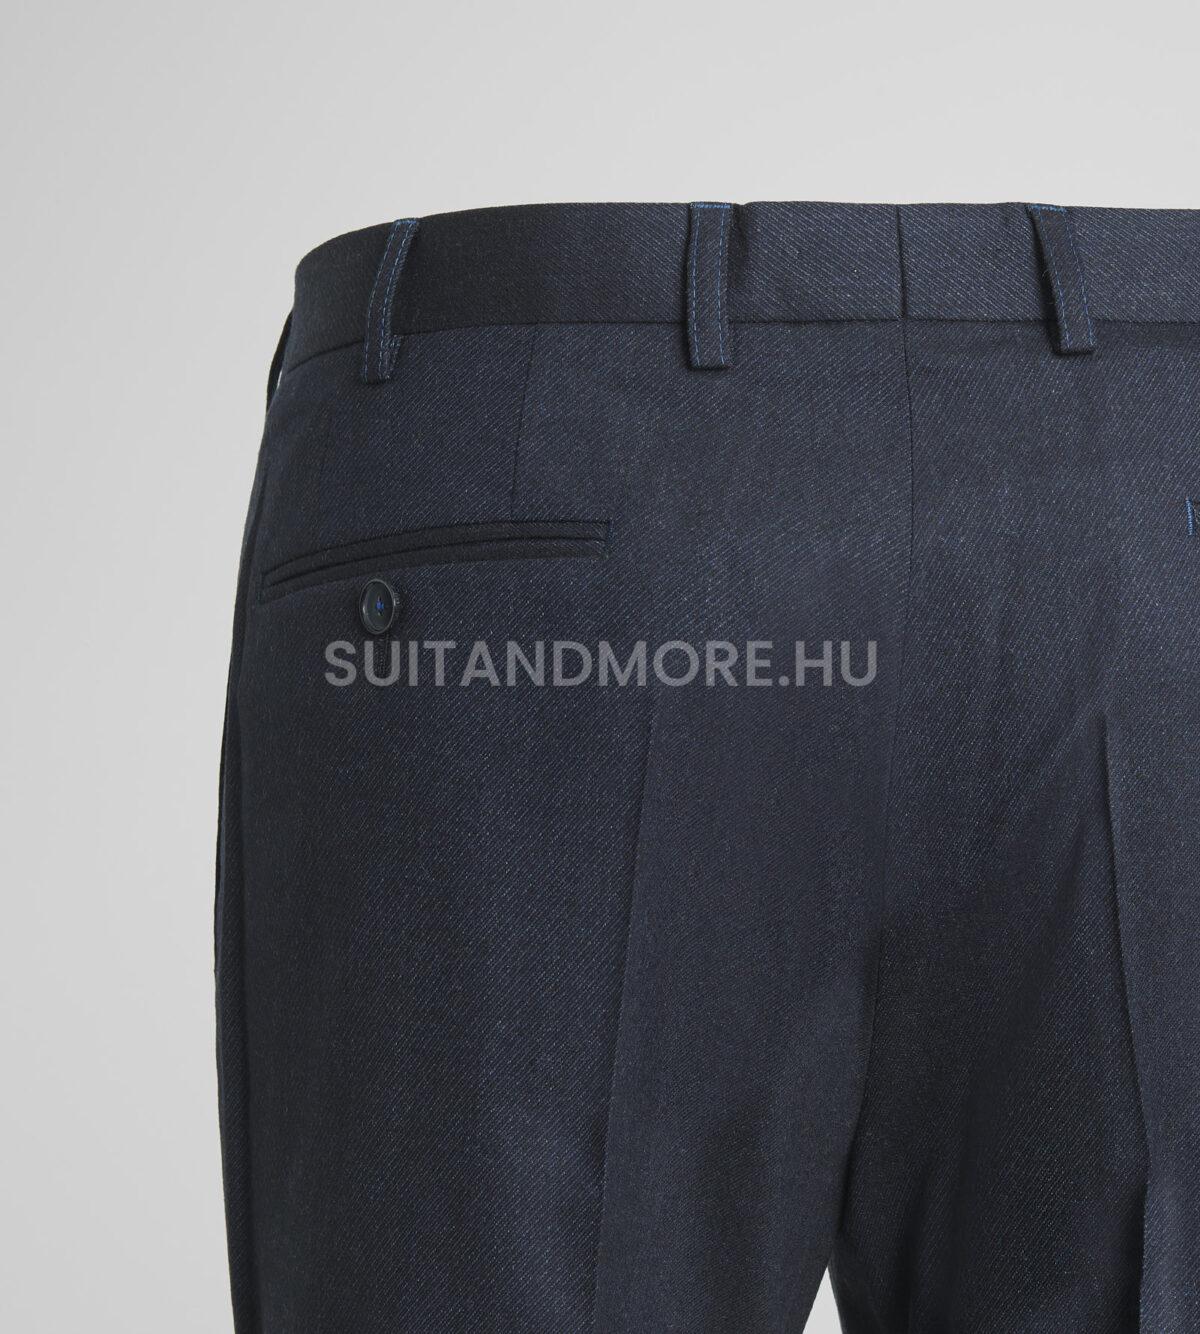 sötétkék-modern-fit-gyapjú-kevert-szövetnadrág-SERGIO-1281243-22-03